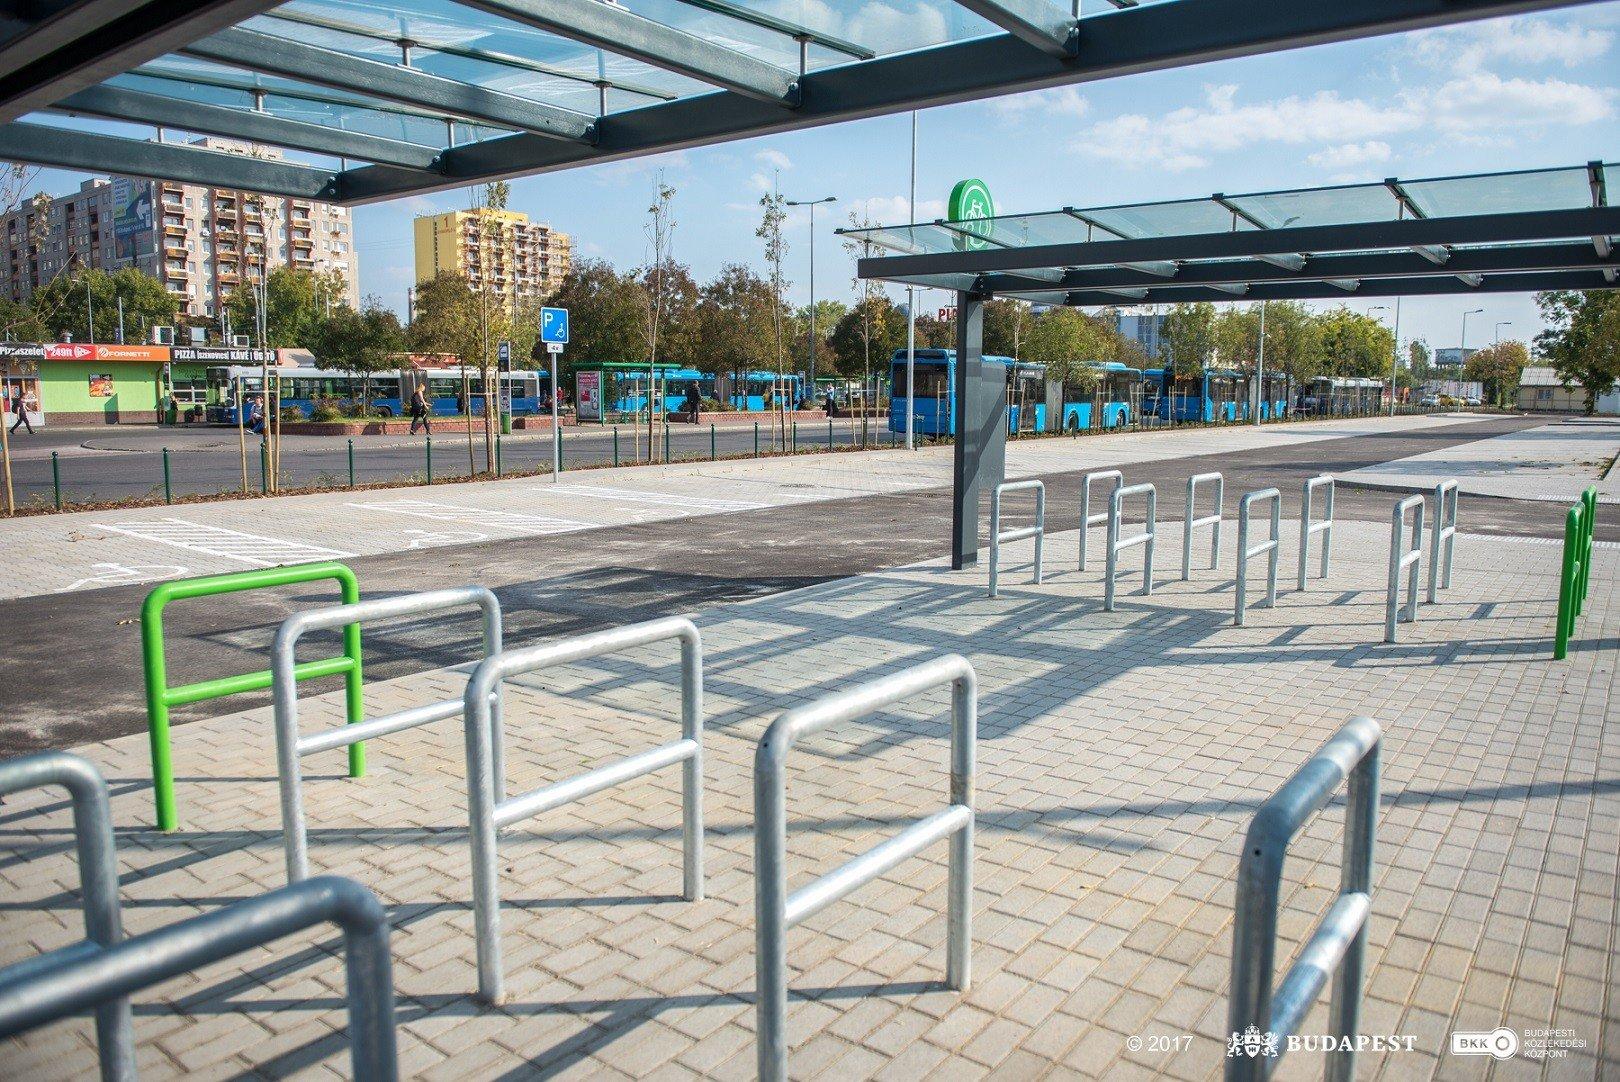 Megkétszerezték a parkolóhelyek számát az Örs vezér téren